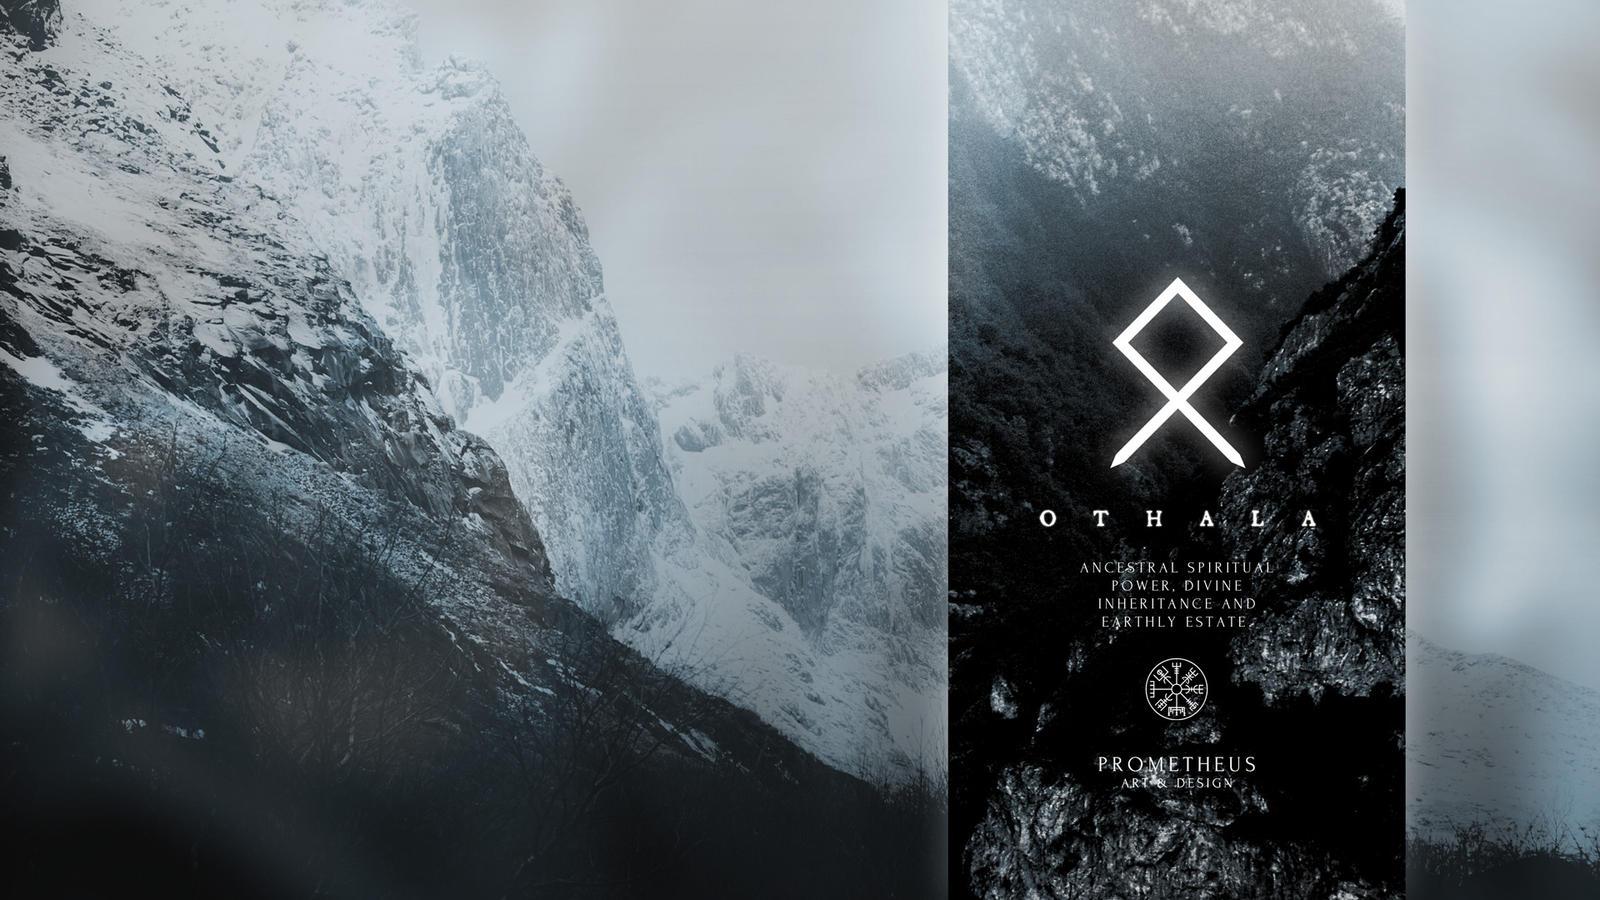 Prometheus Art And Design